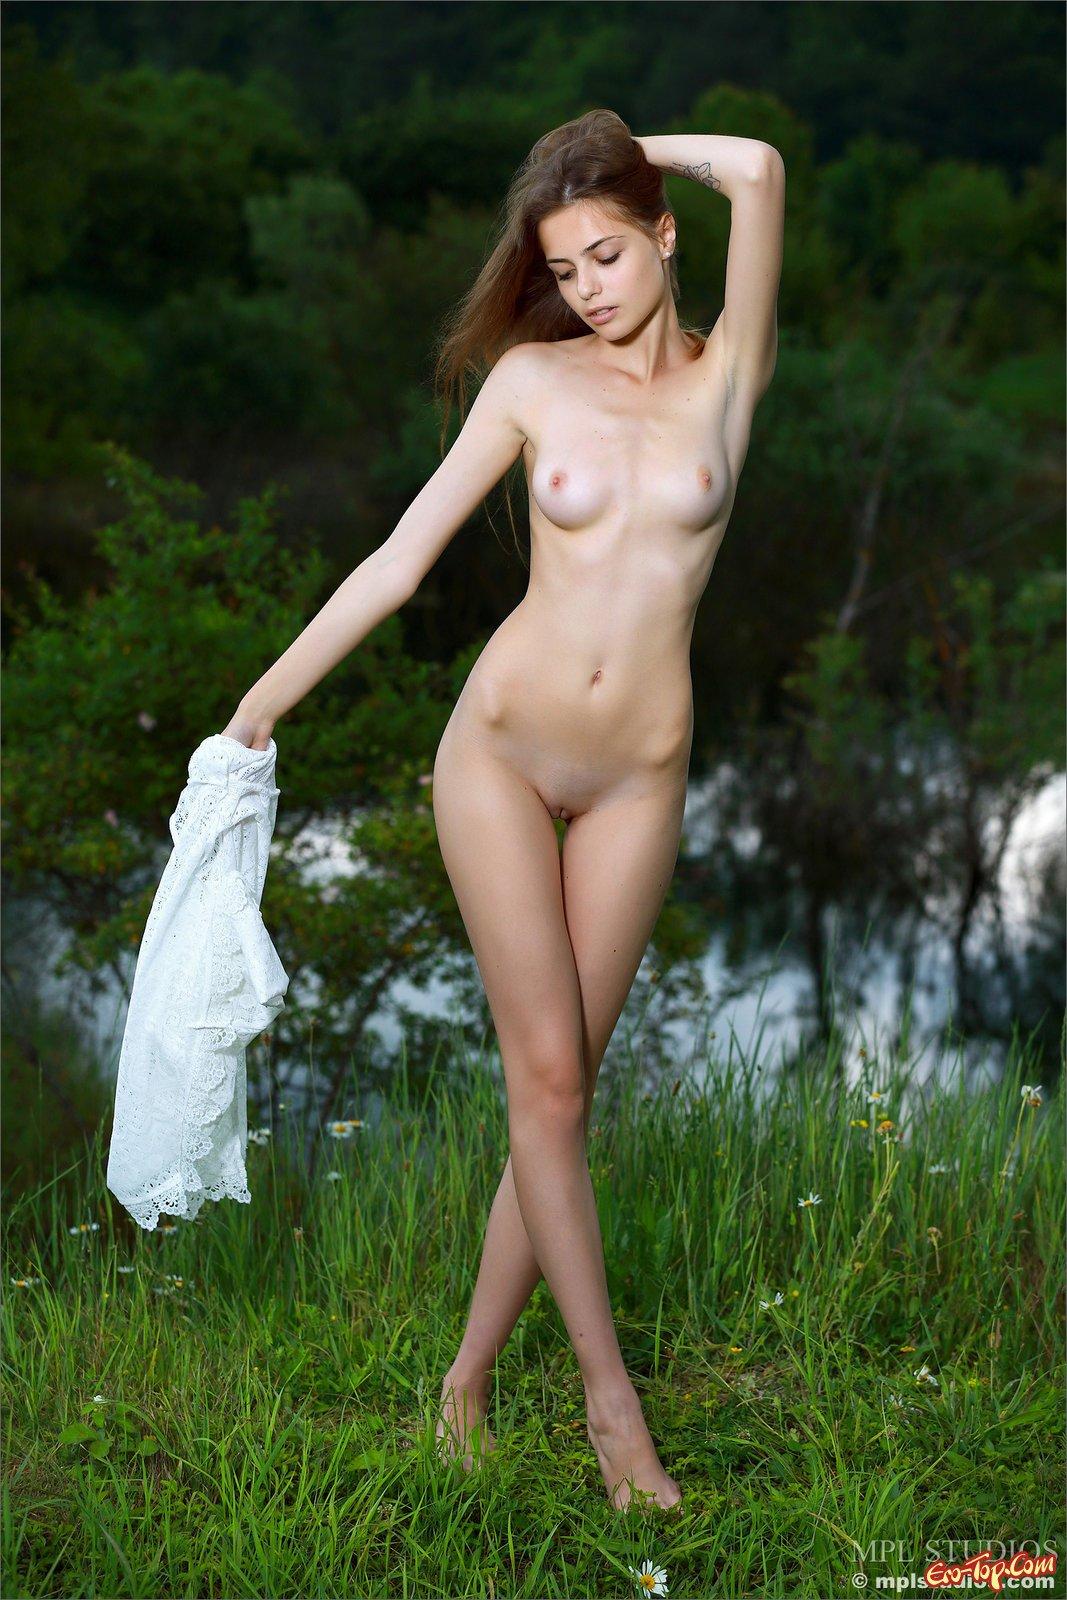 Худышка с небольшими дойками позирует на открытом воздухе